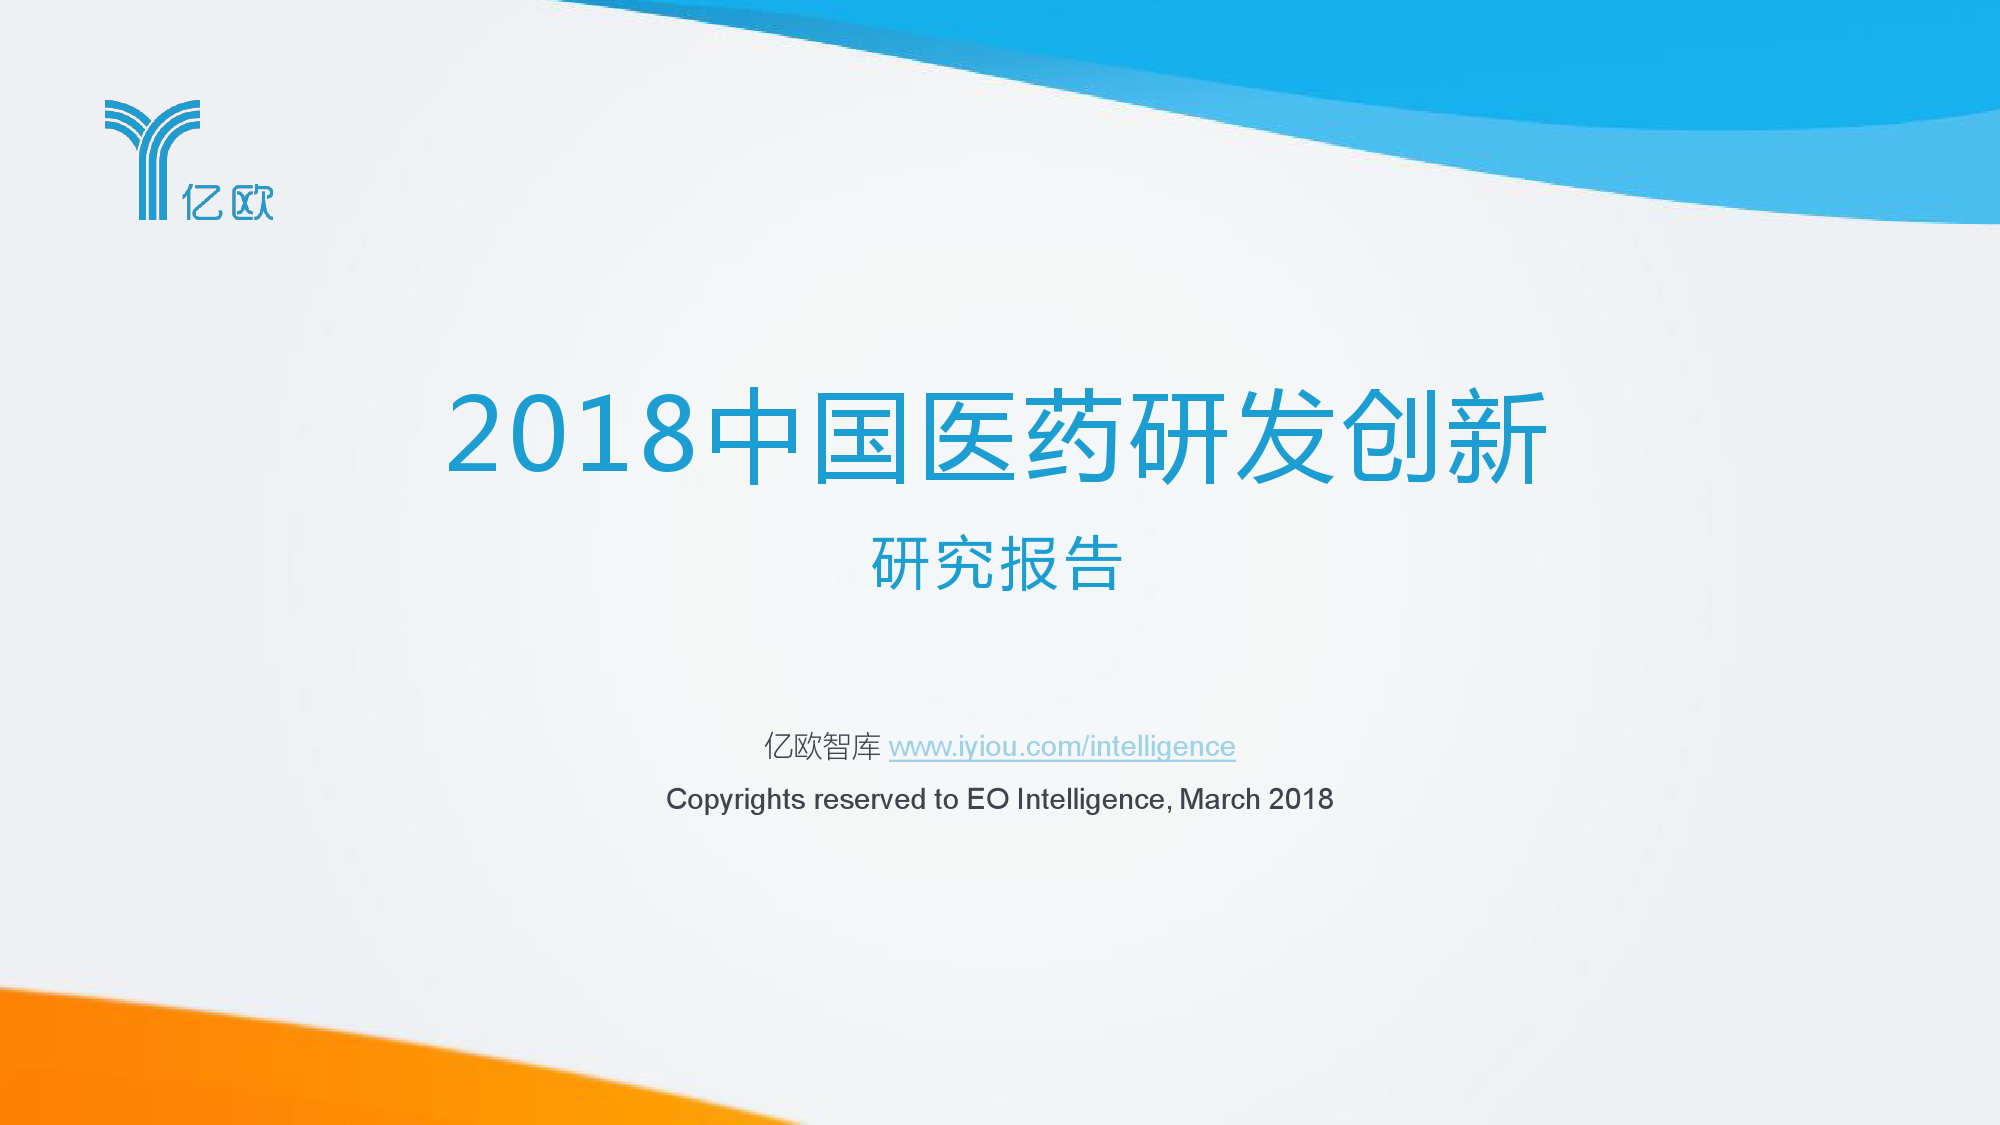 亿欧智库:2018中国医药研发创新研究报告(附下载)